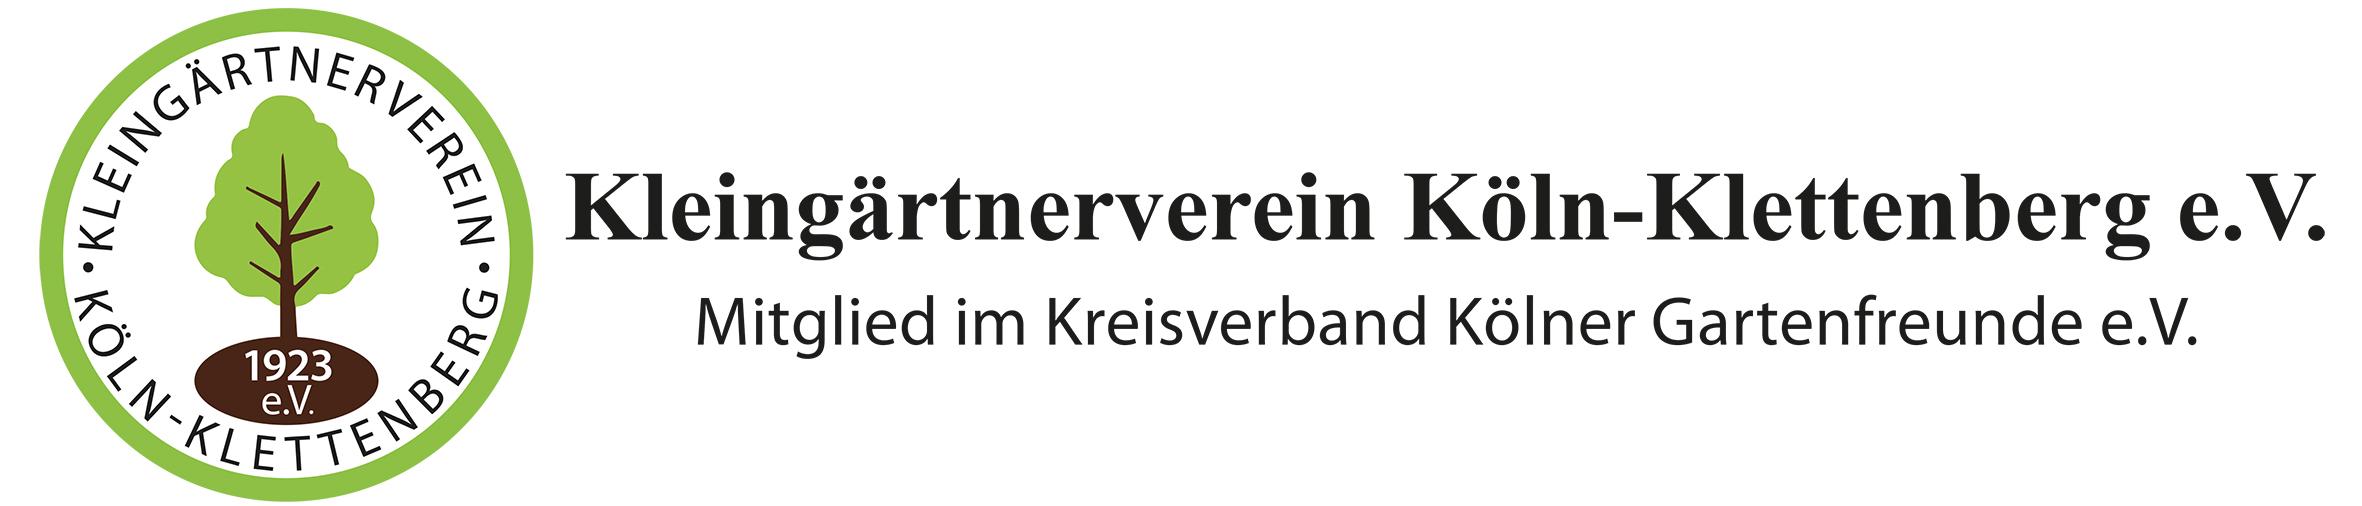 KGV Klettenberg